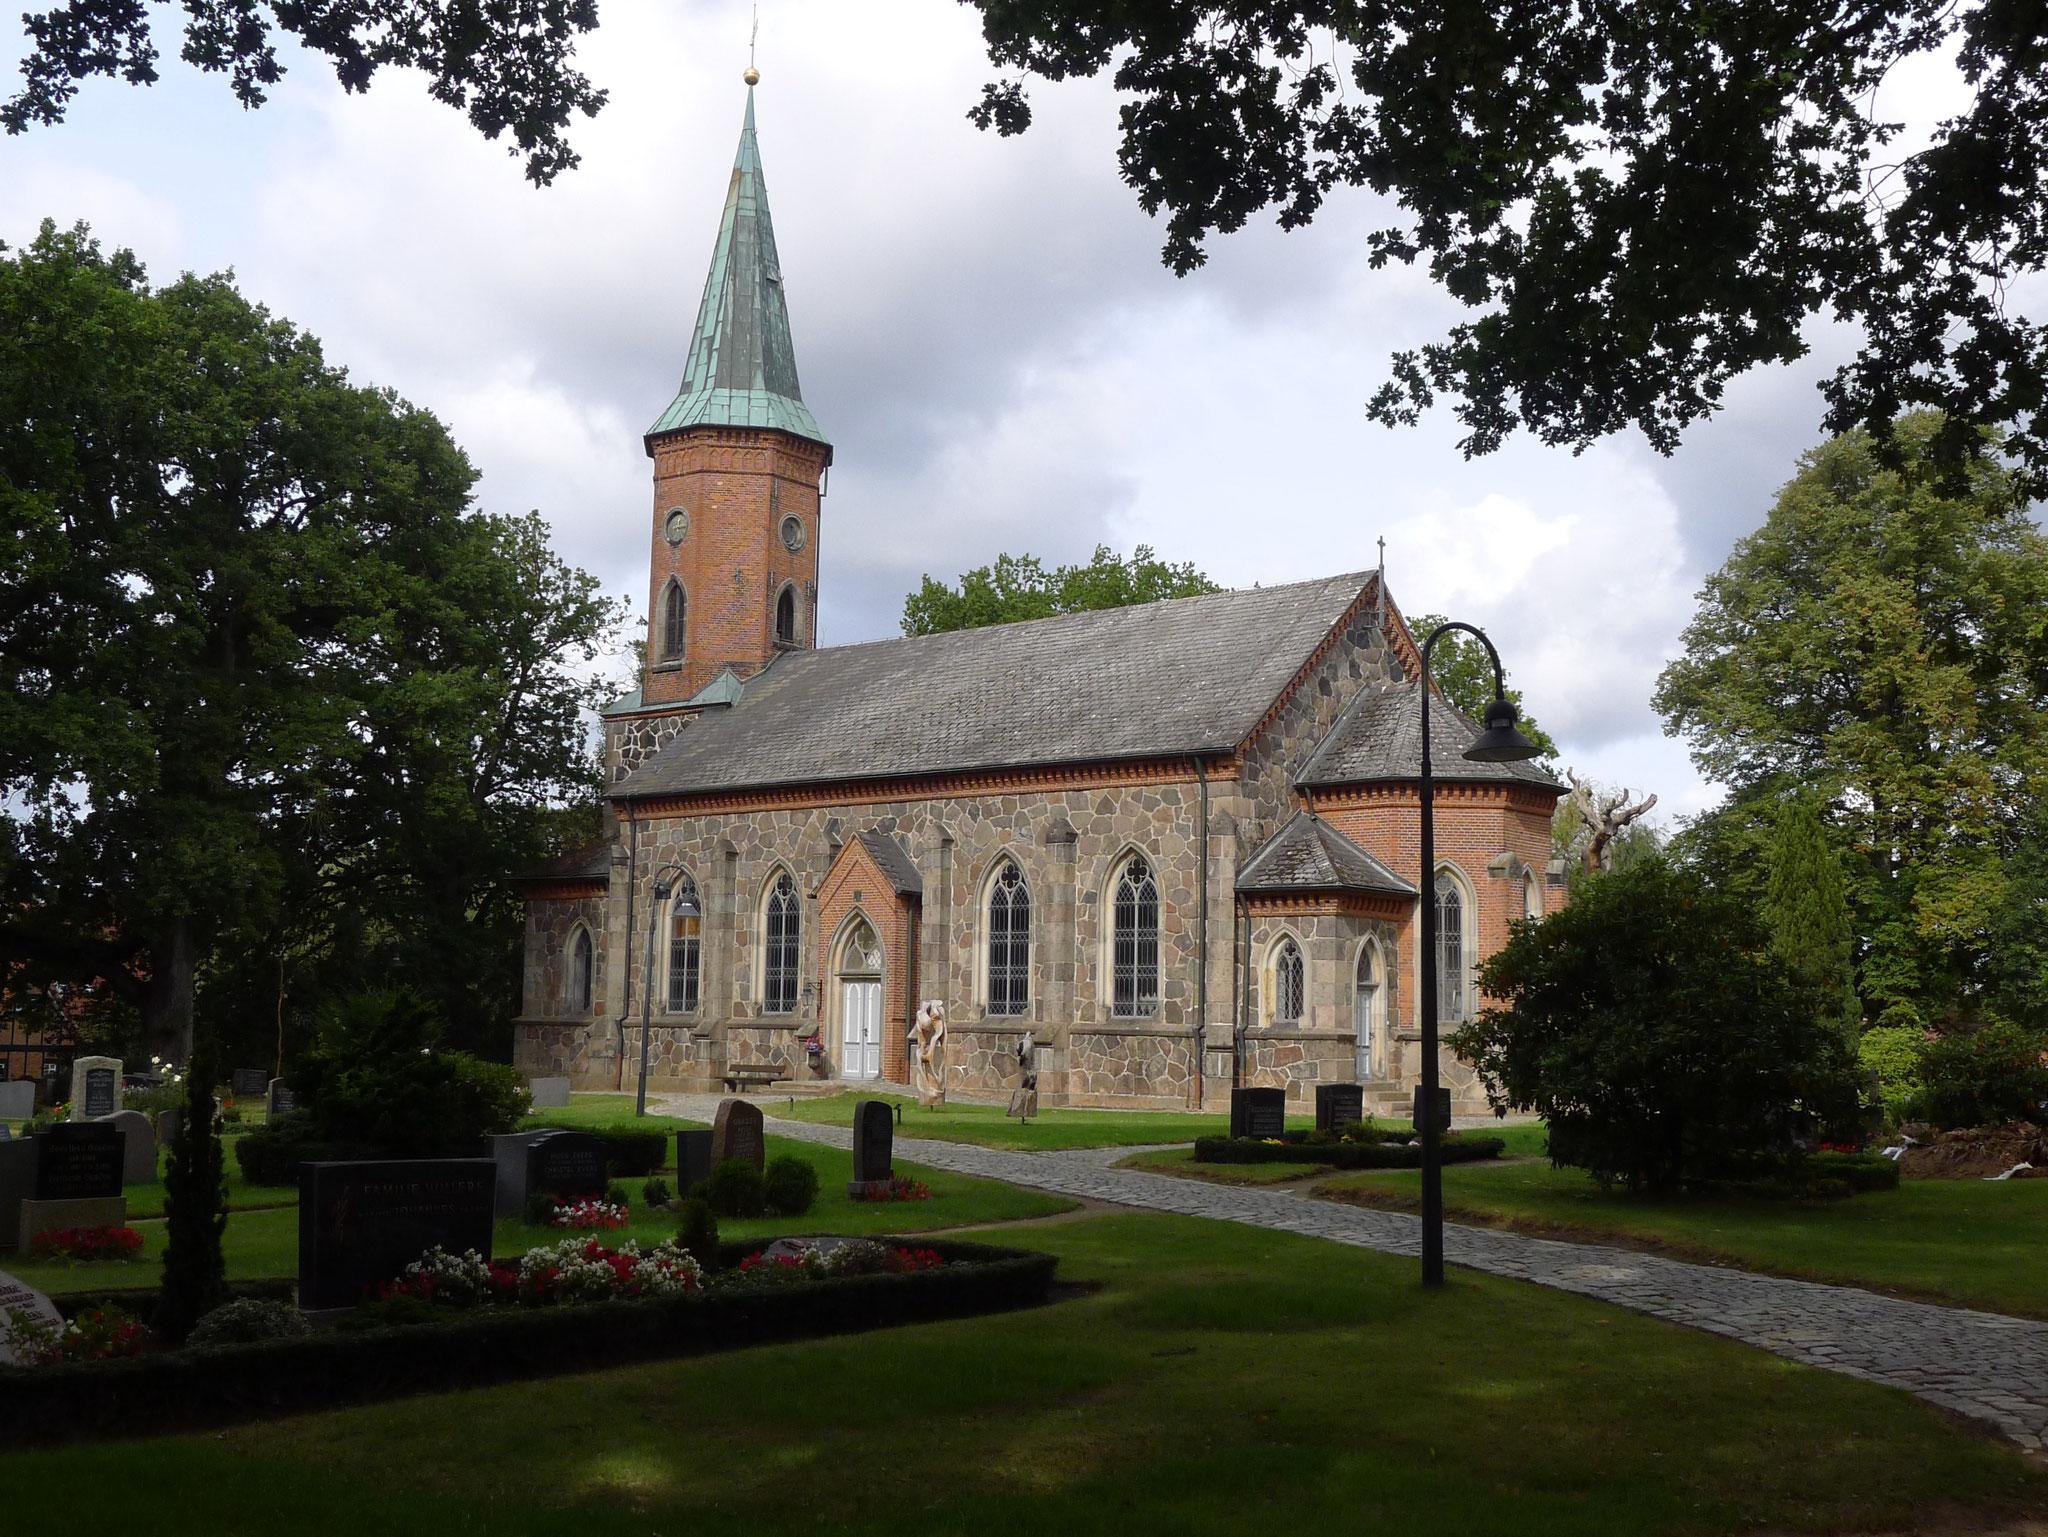 St. Marienkirche in Basthorst (Foto: Dorit Hartz)